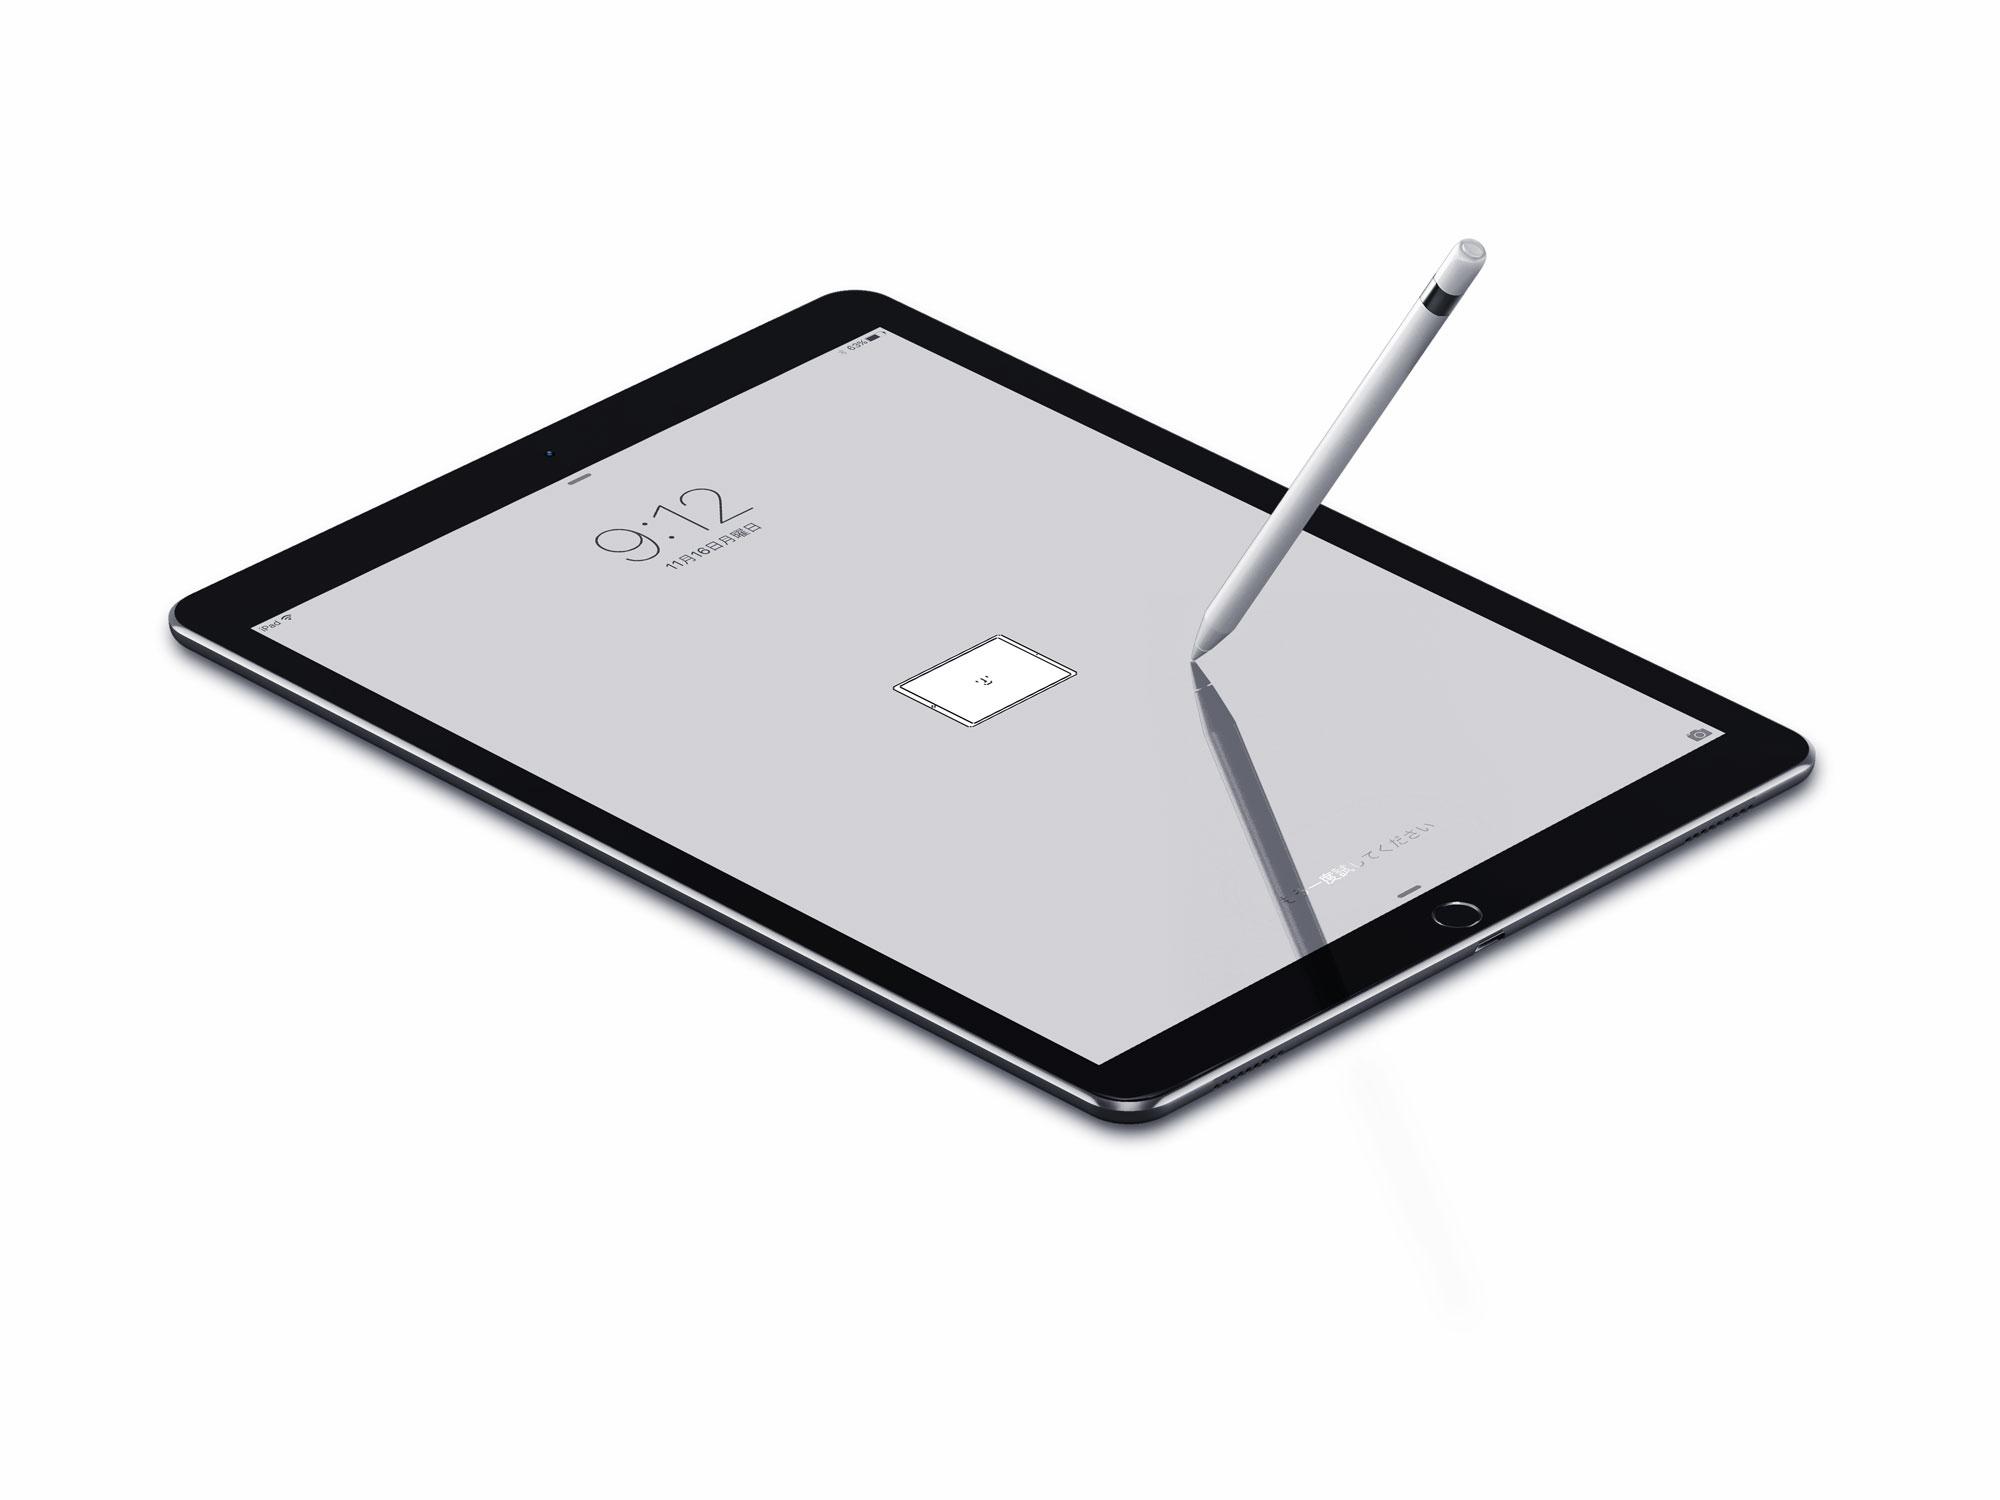 iPad ProのロックスクリーンにHappyな壁紙を設定した状態